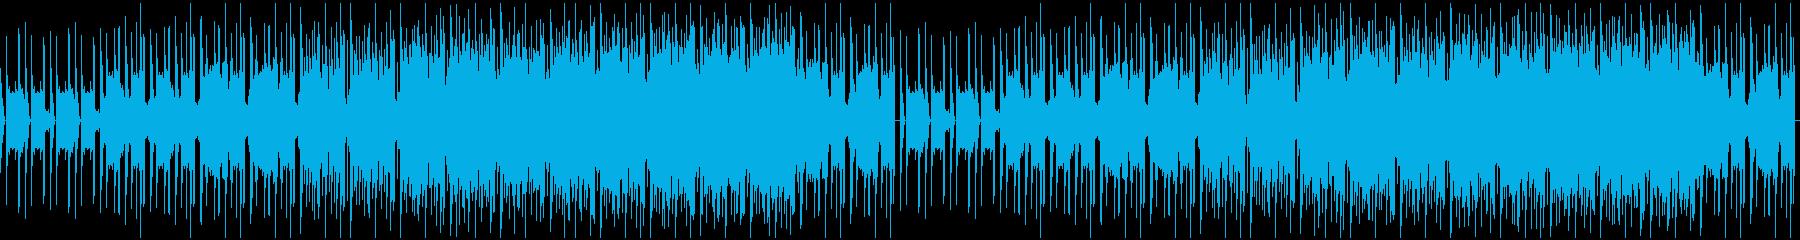 【YouTube】神秘的でミニマルな曲の再生済みの波形